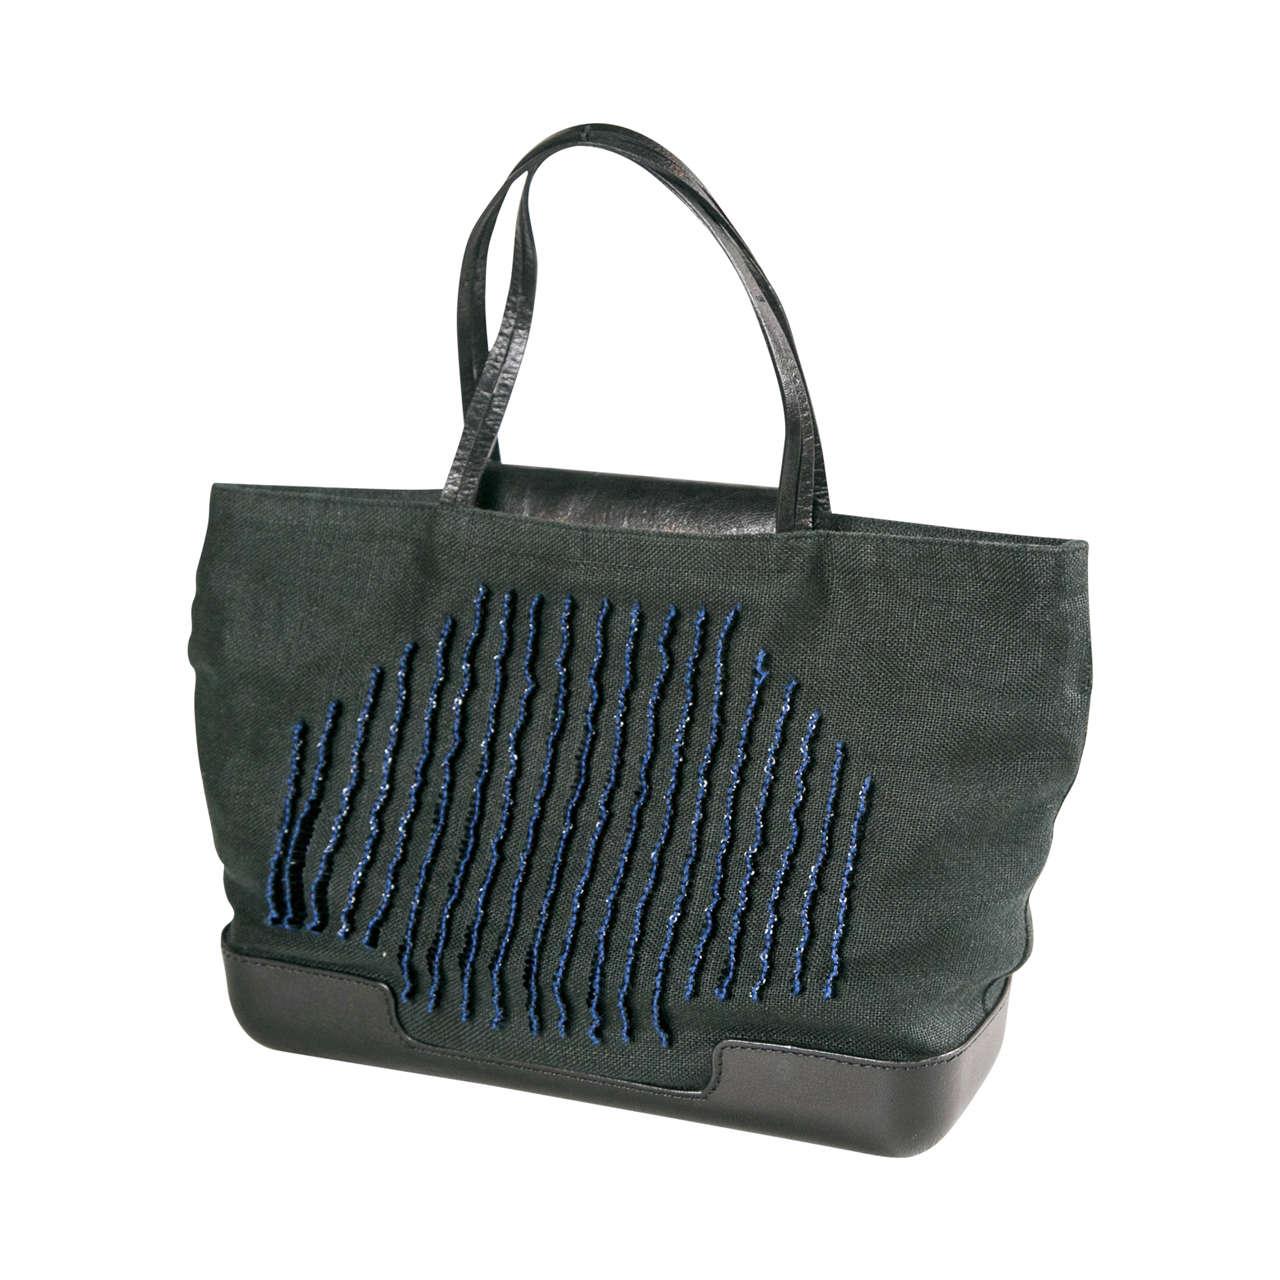 Limited Bottega Veneta handbag presented by funky finders 1